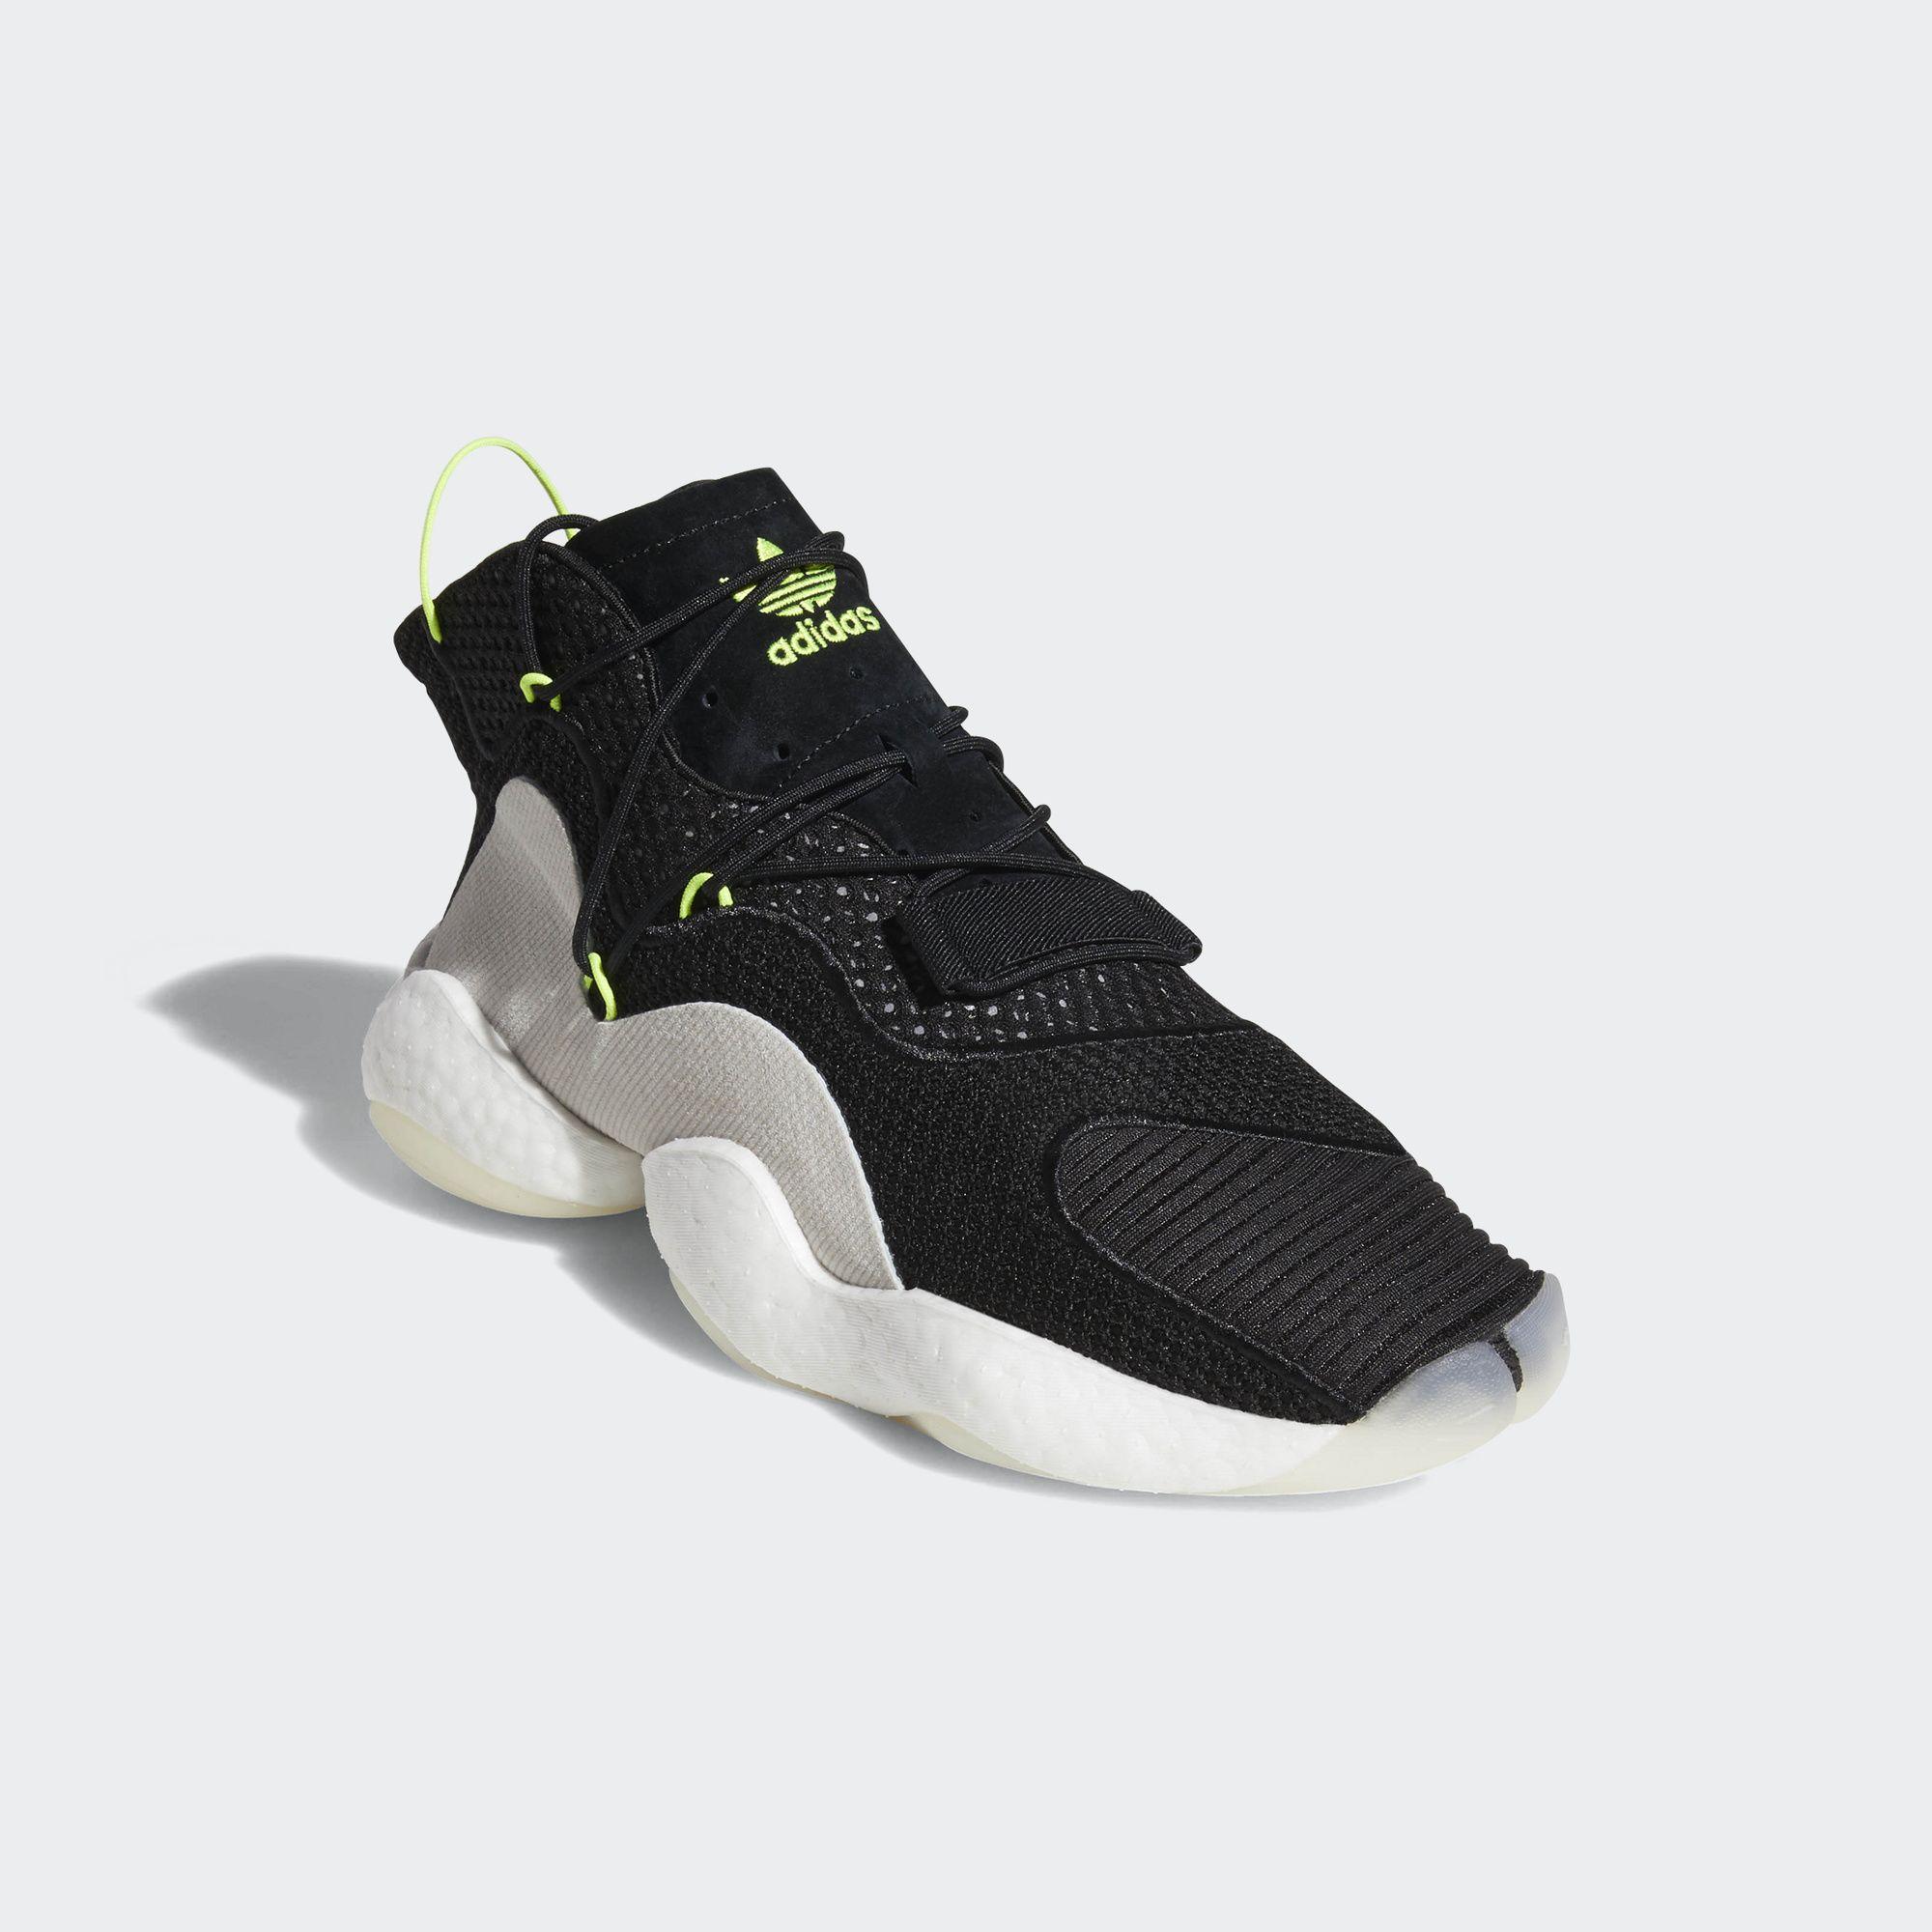 adidas BYW Black:Volt 2